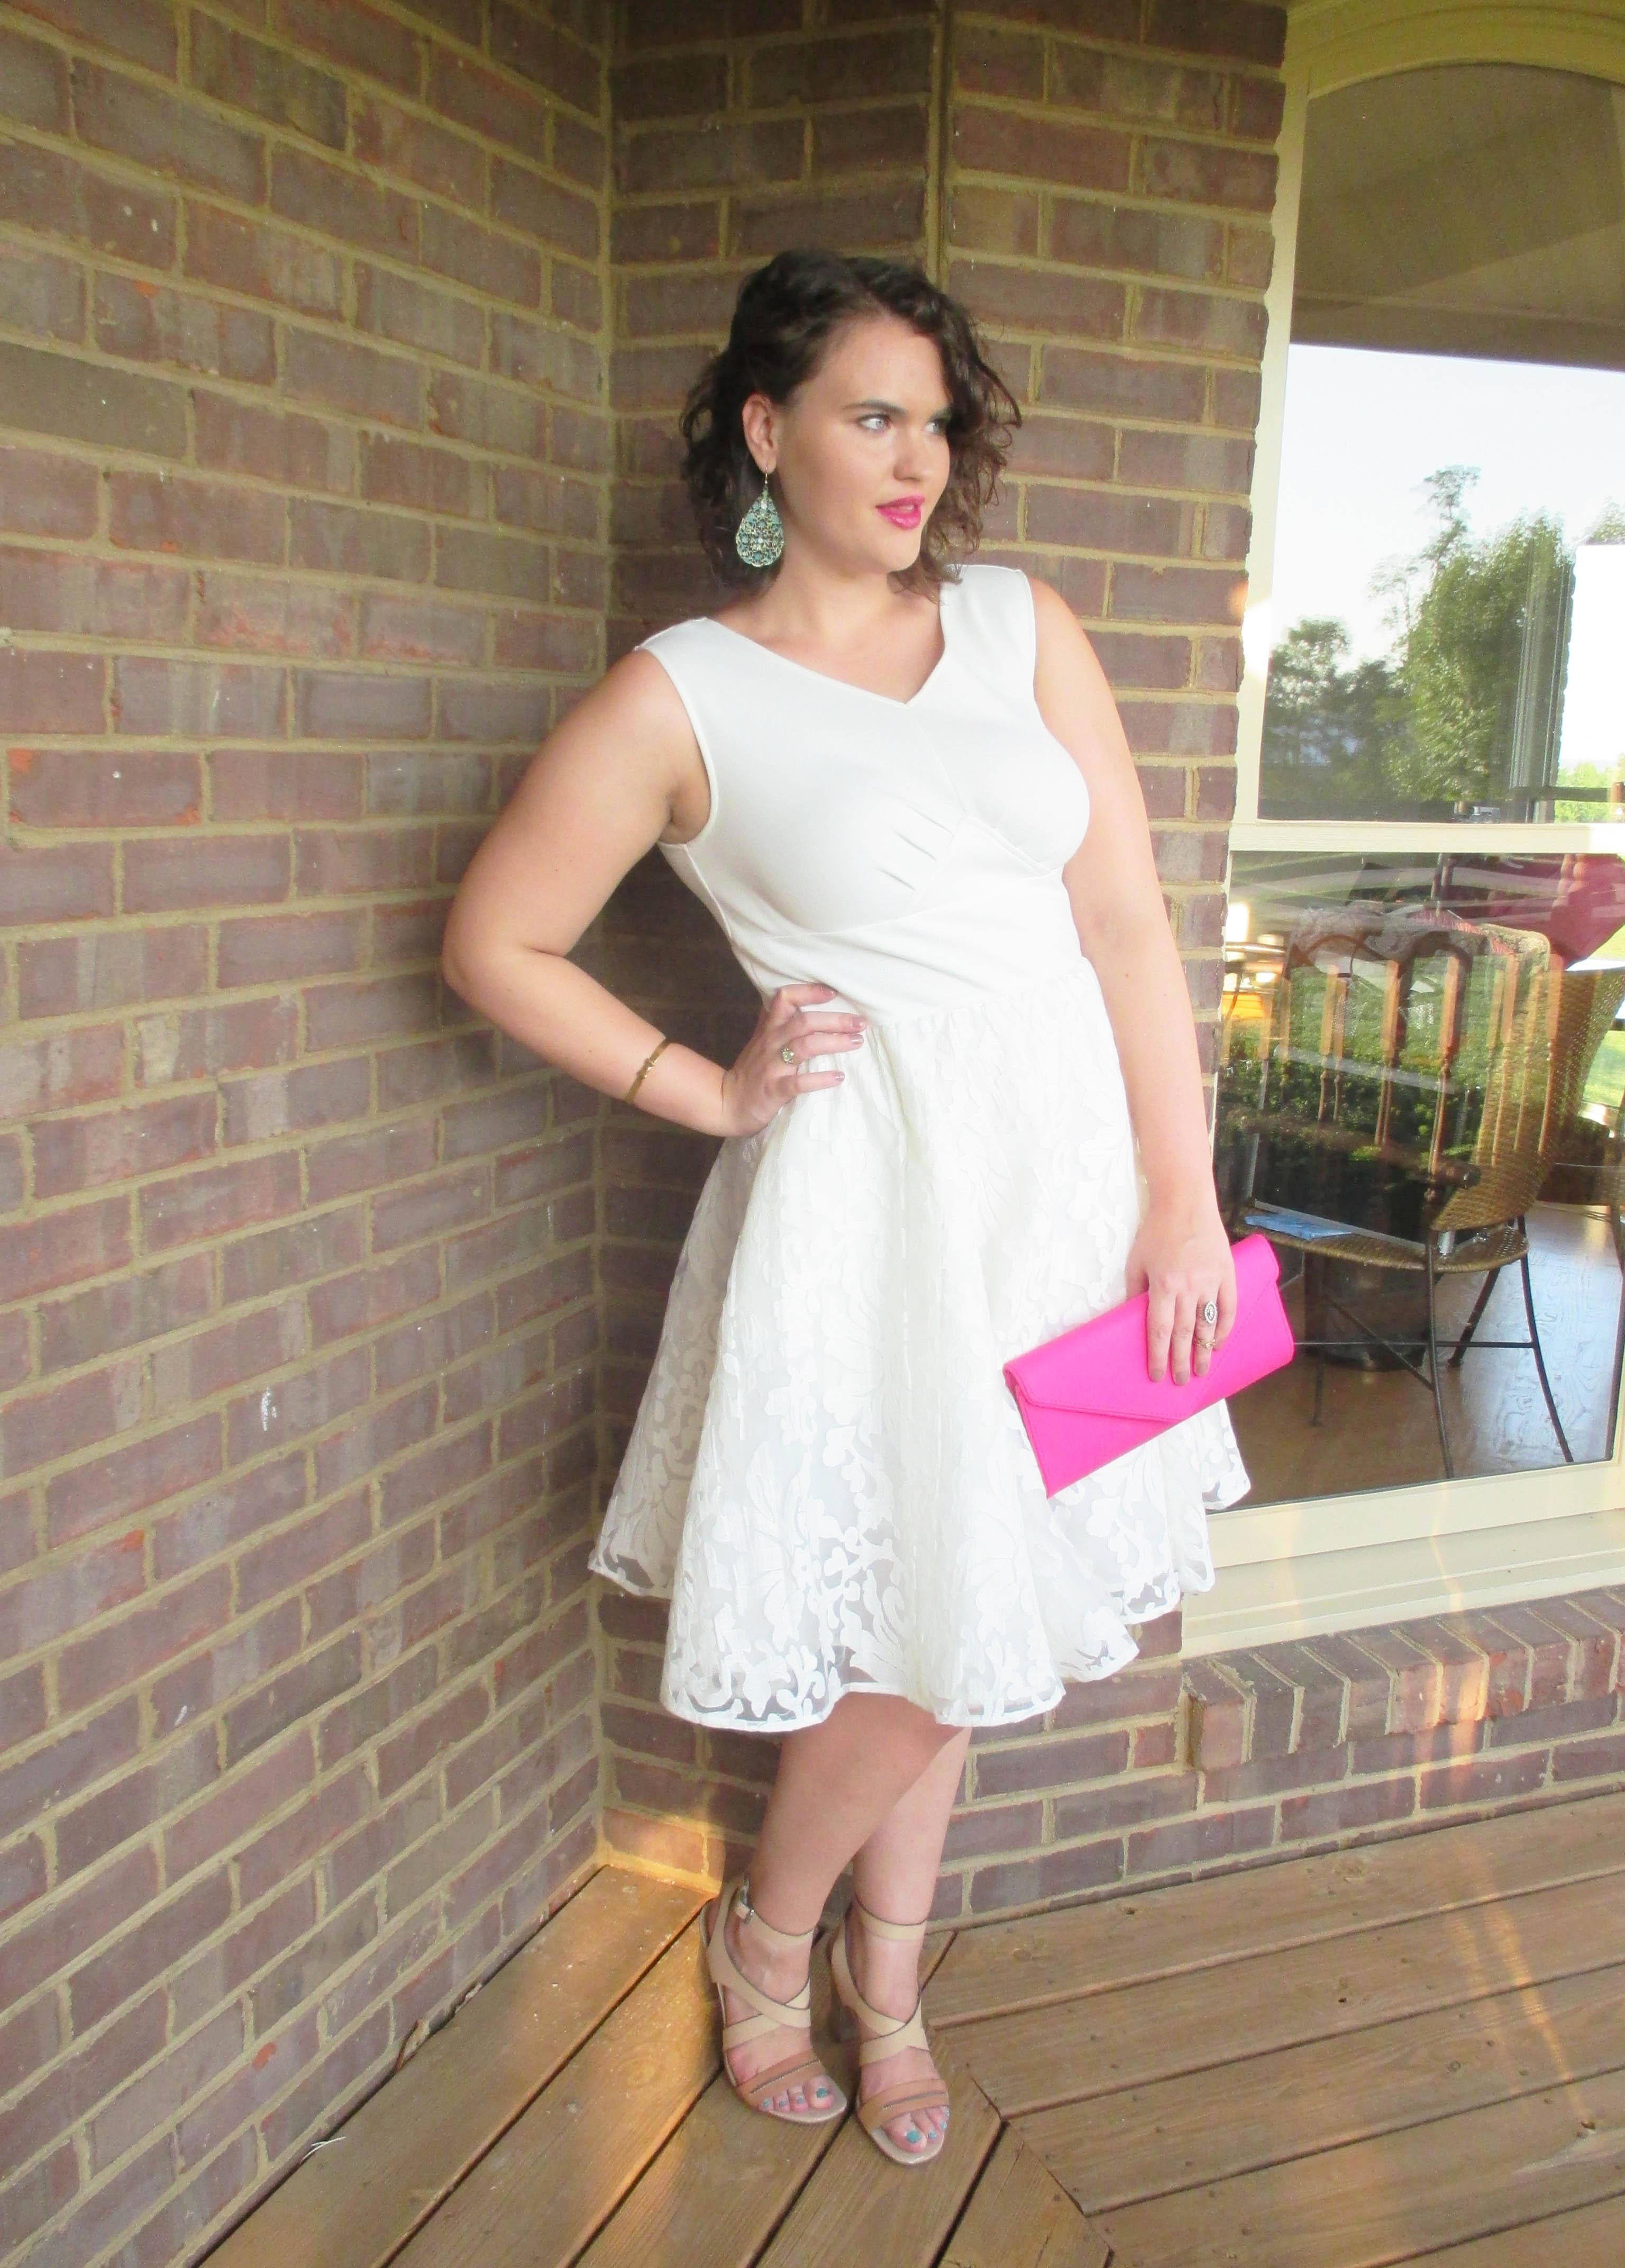 lauren allen fashion blog 8-23-15a